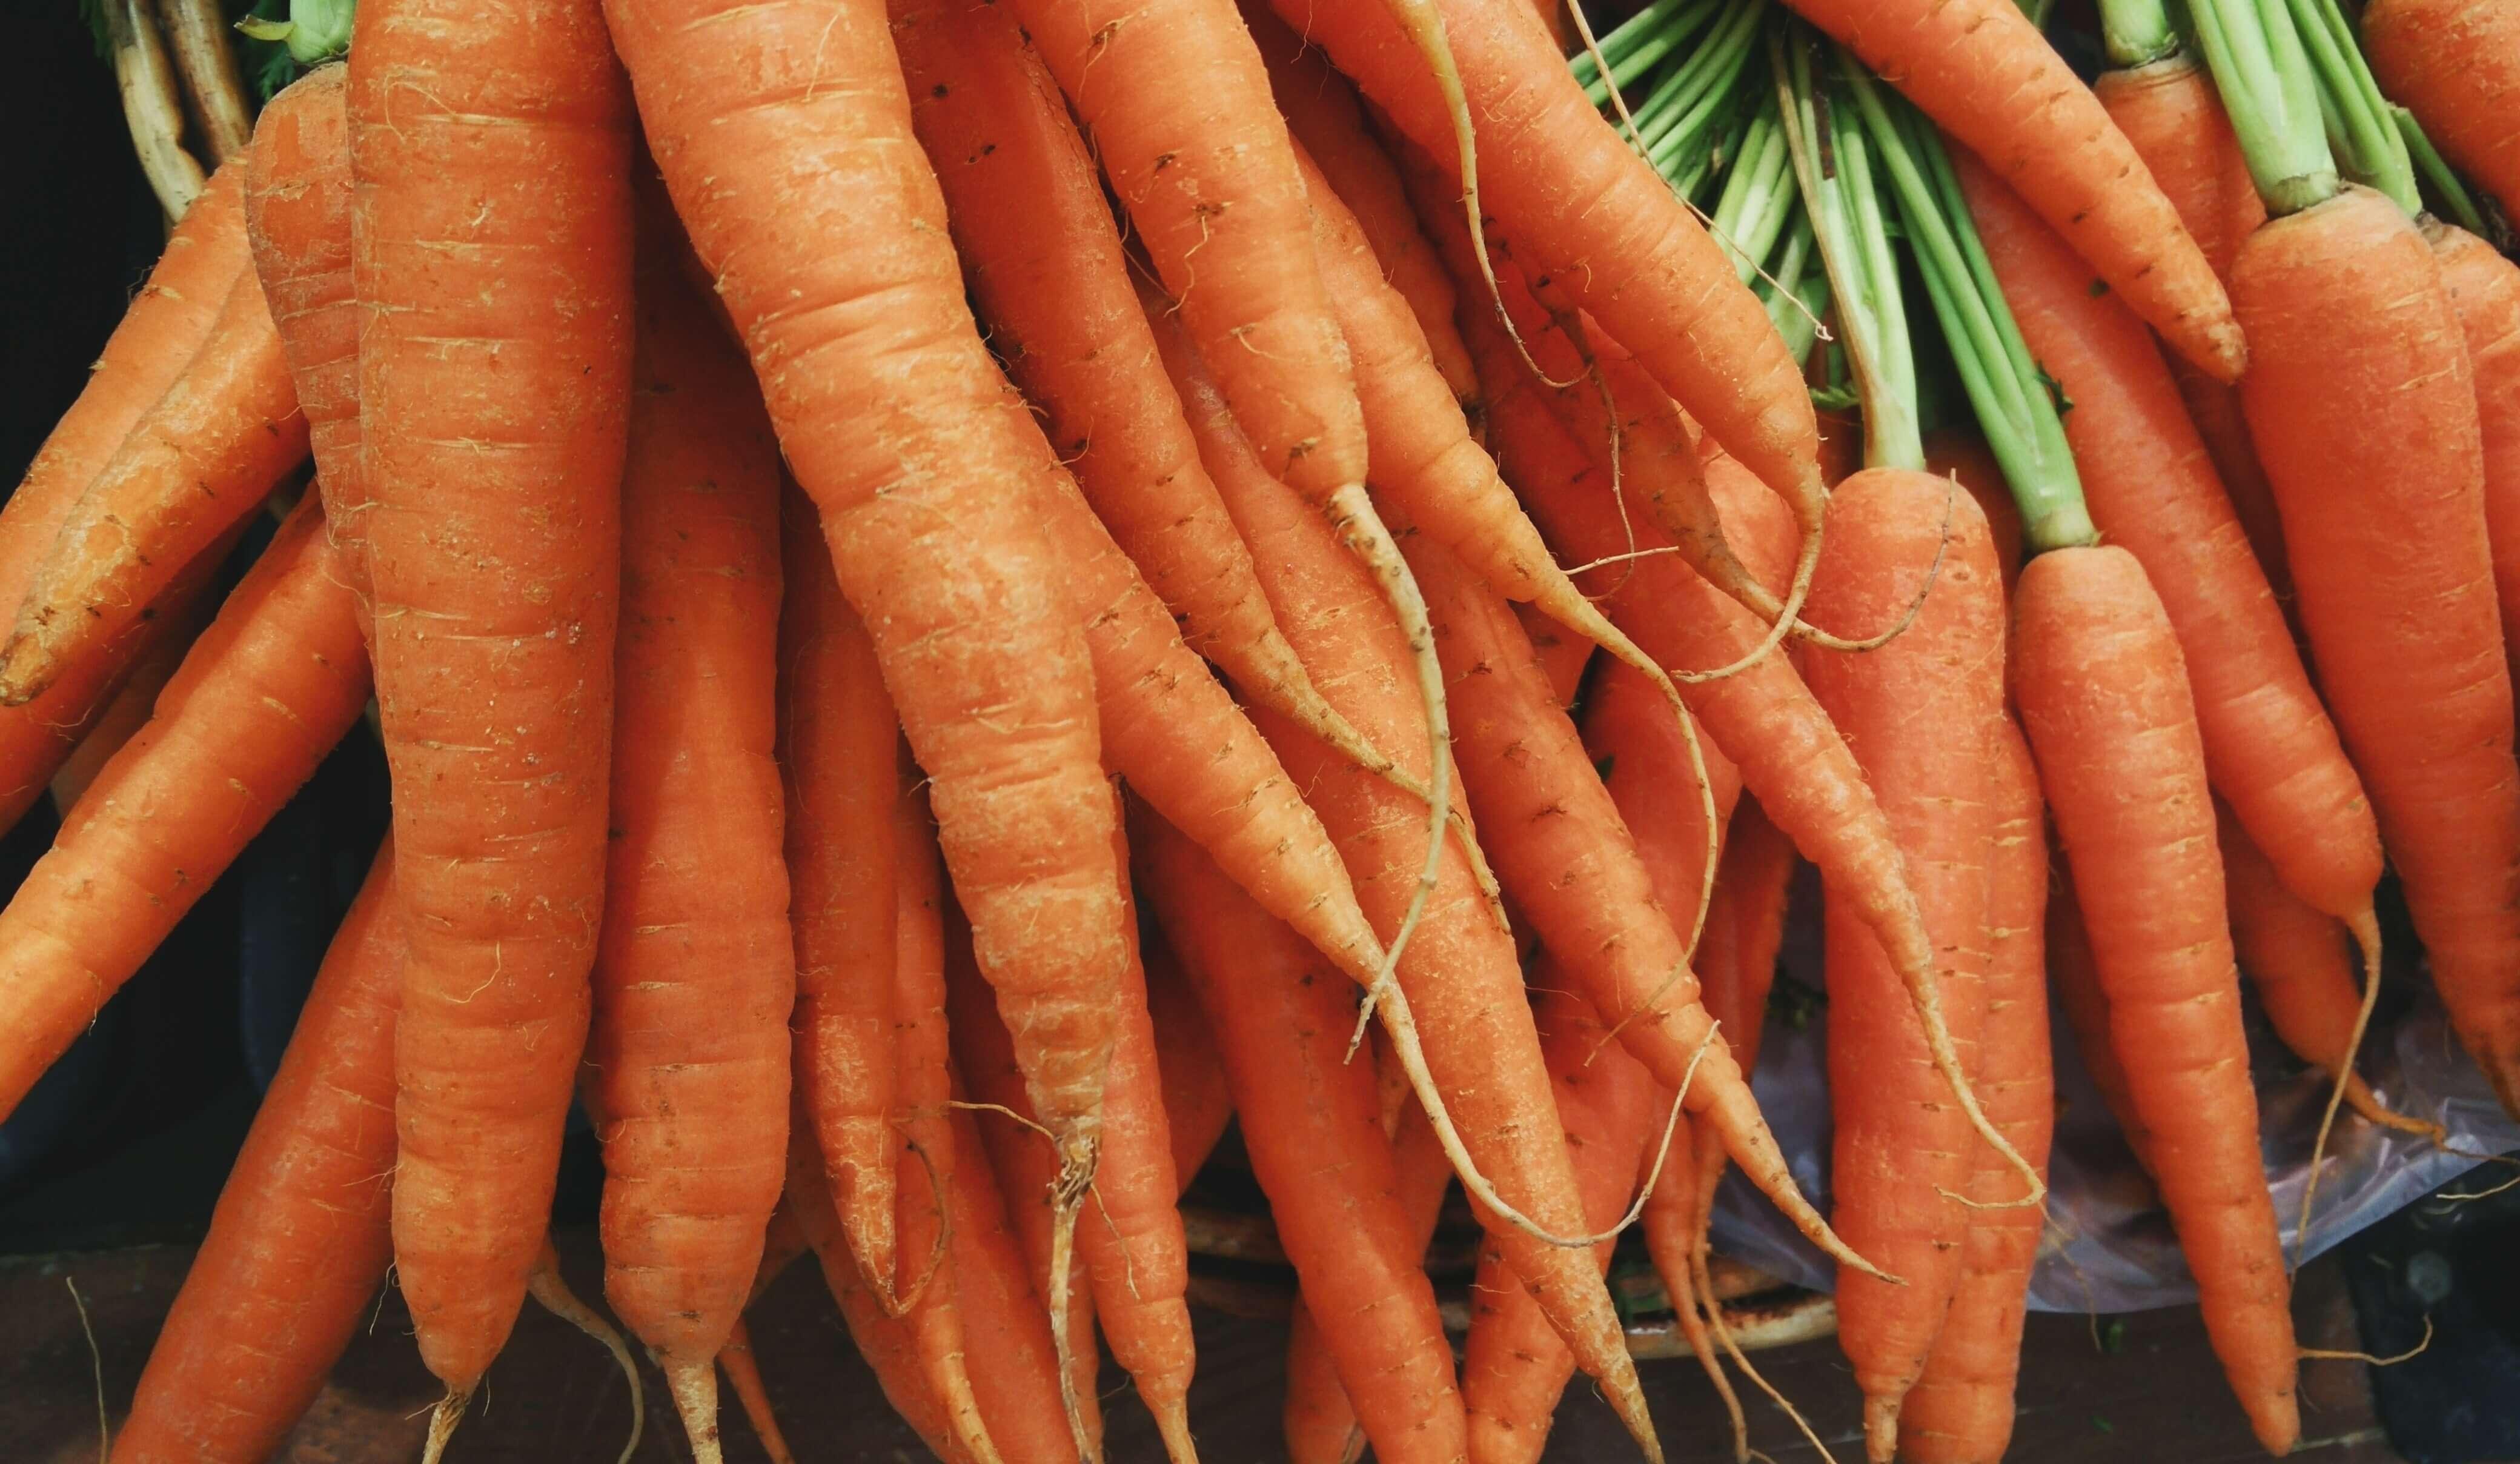 carrots vitamins